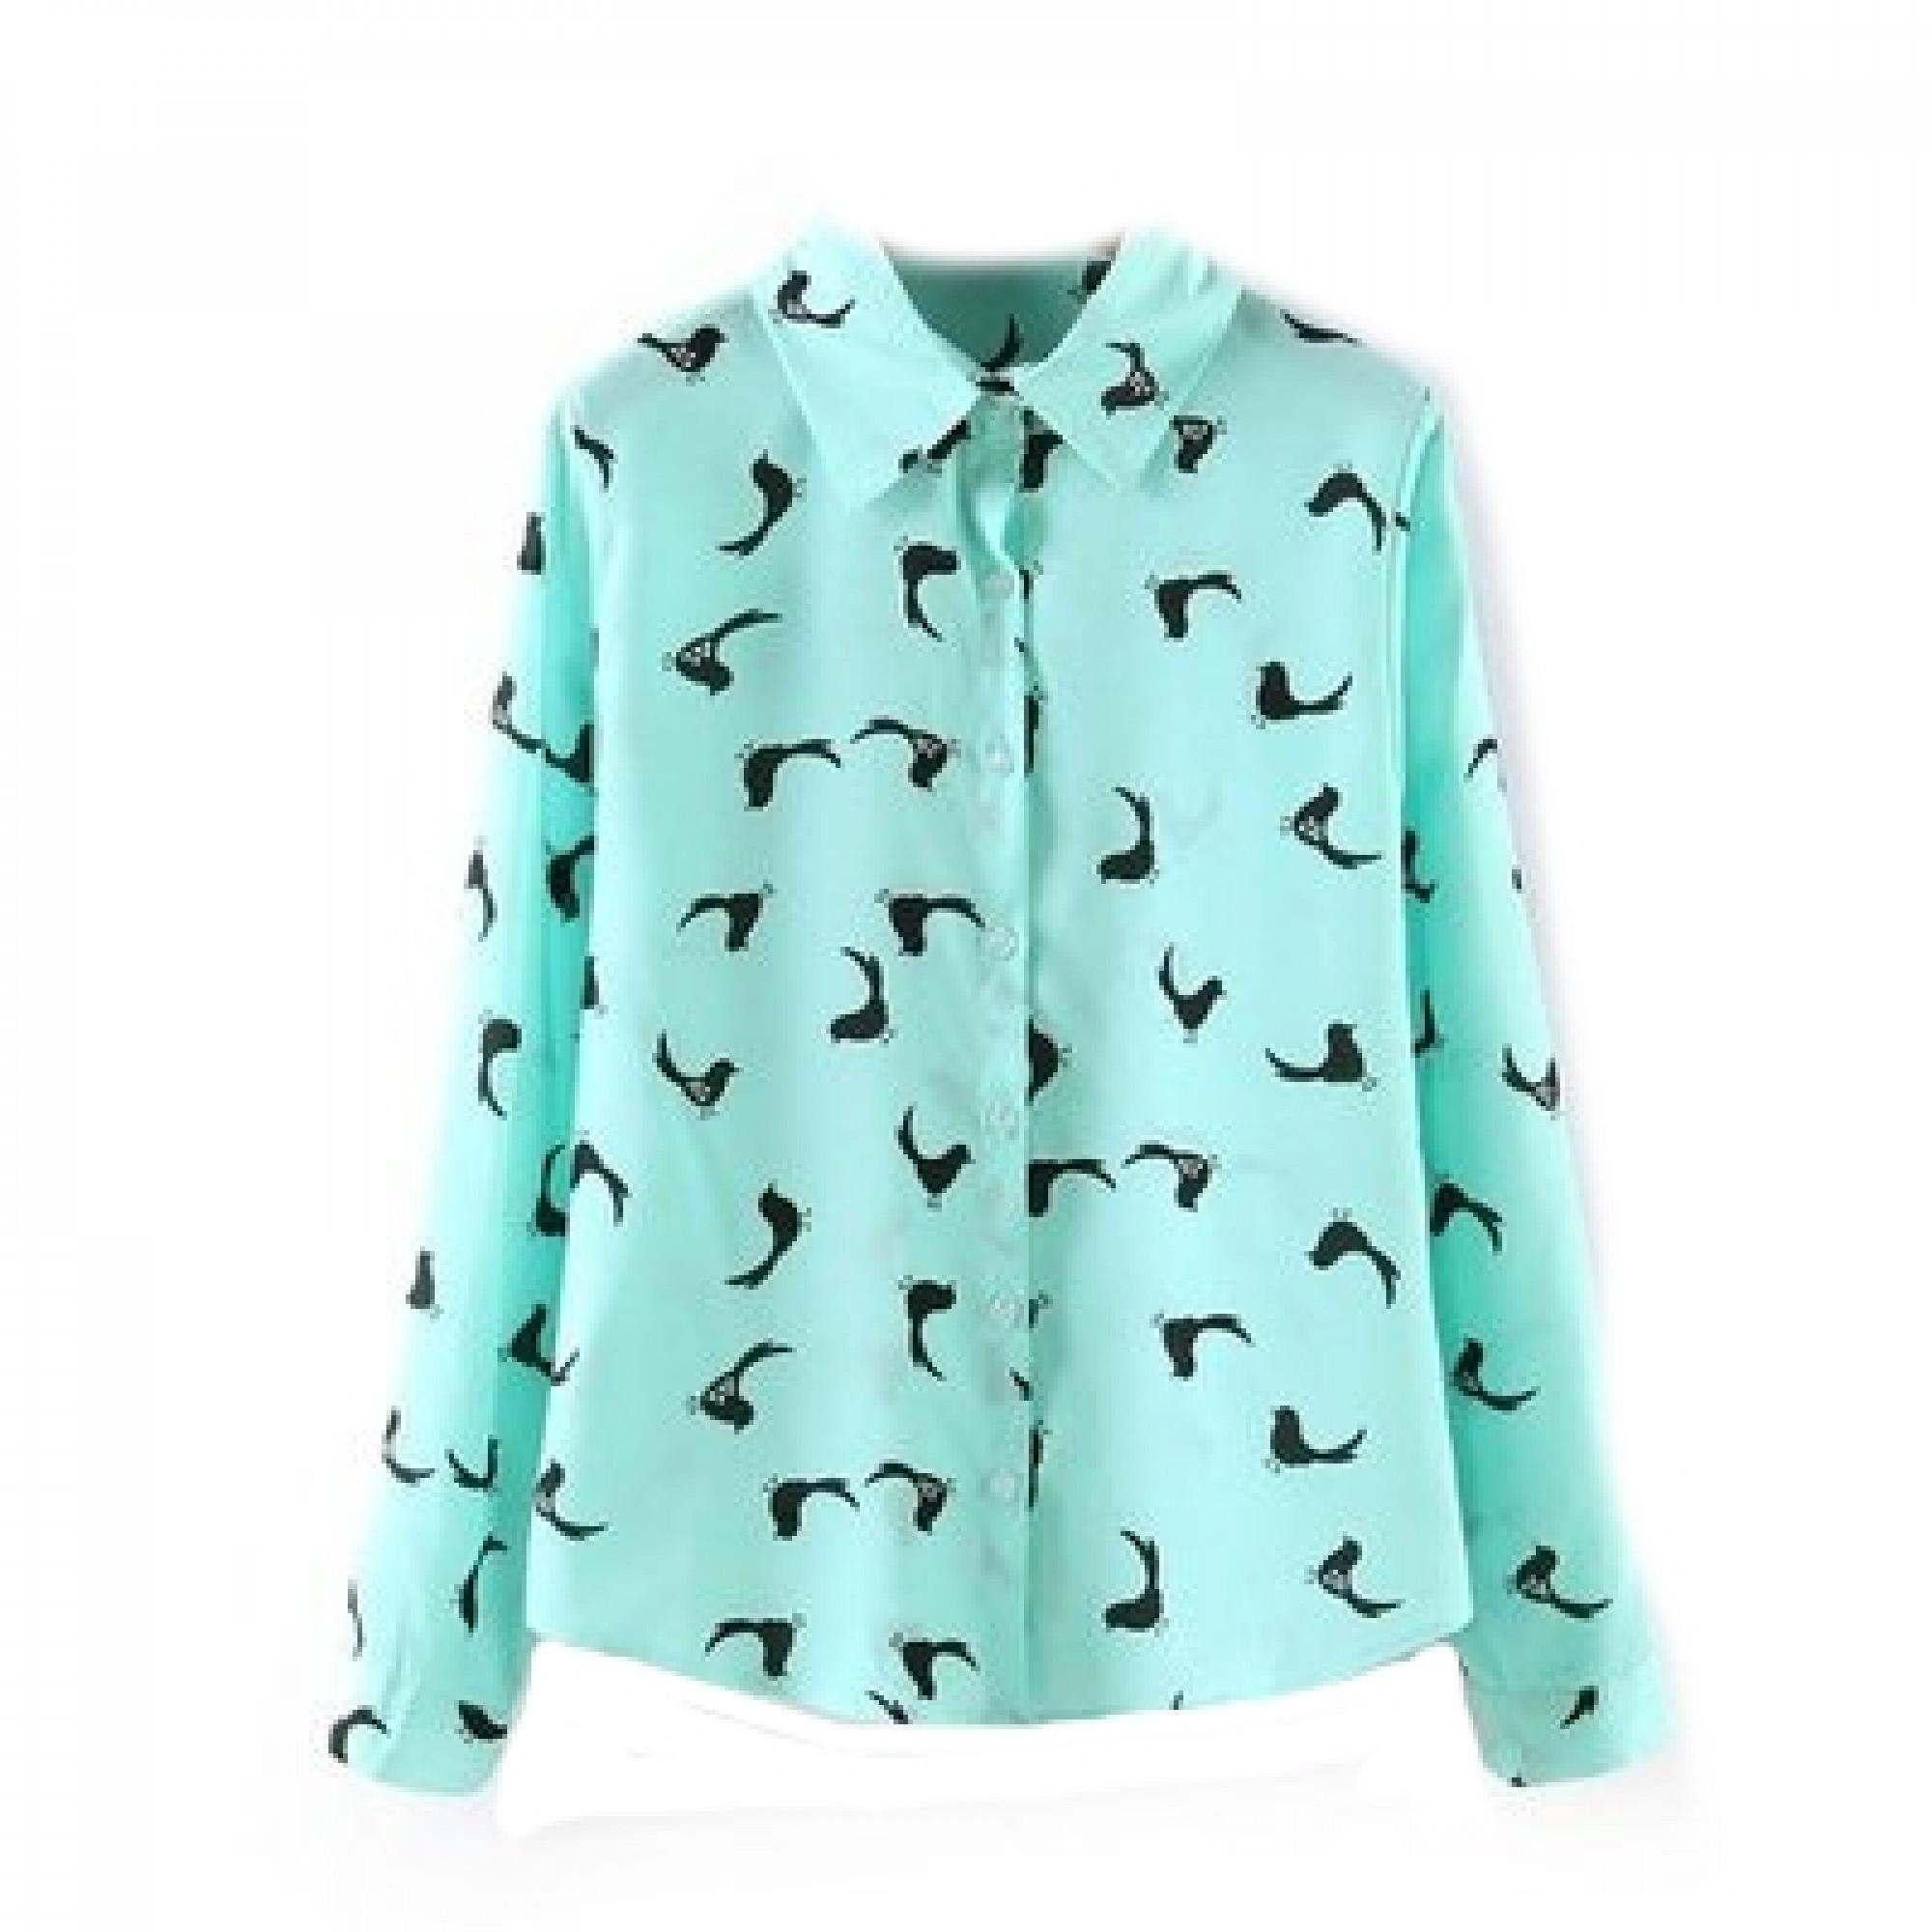 203a5b0e4ac Купить бирюзовая женская рубашка с птицами — в Киеве